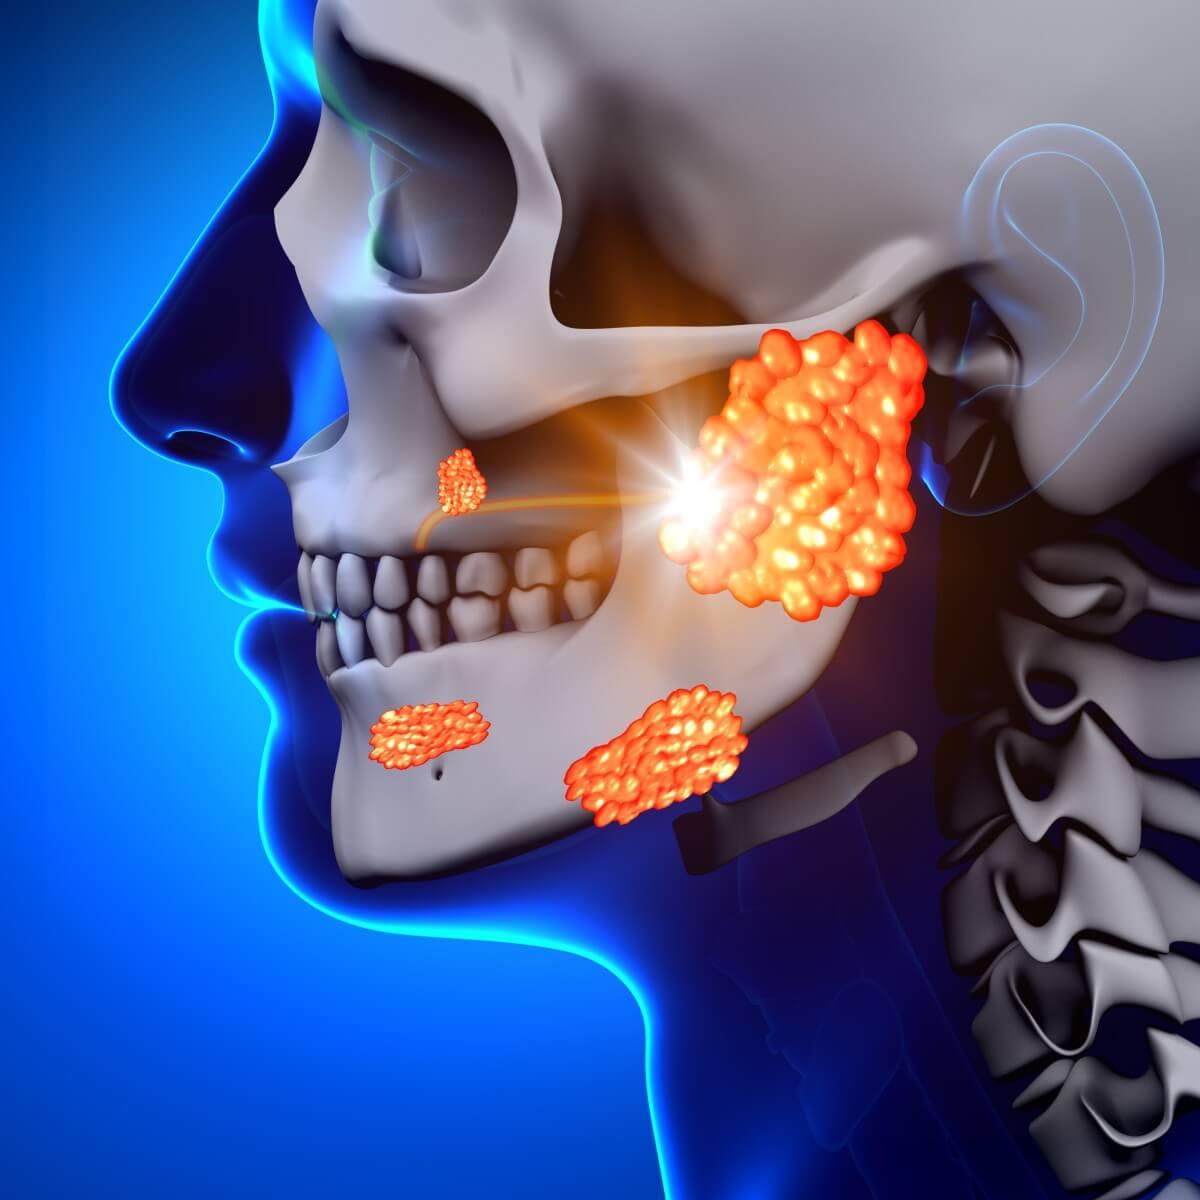 Klassisches Mumps Symptome: Entzündung der Ohrspeicheldrüse